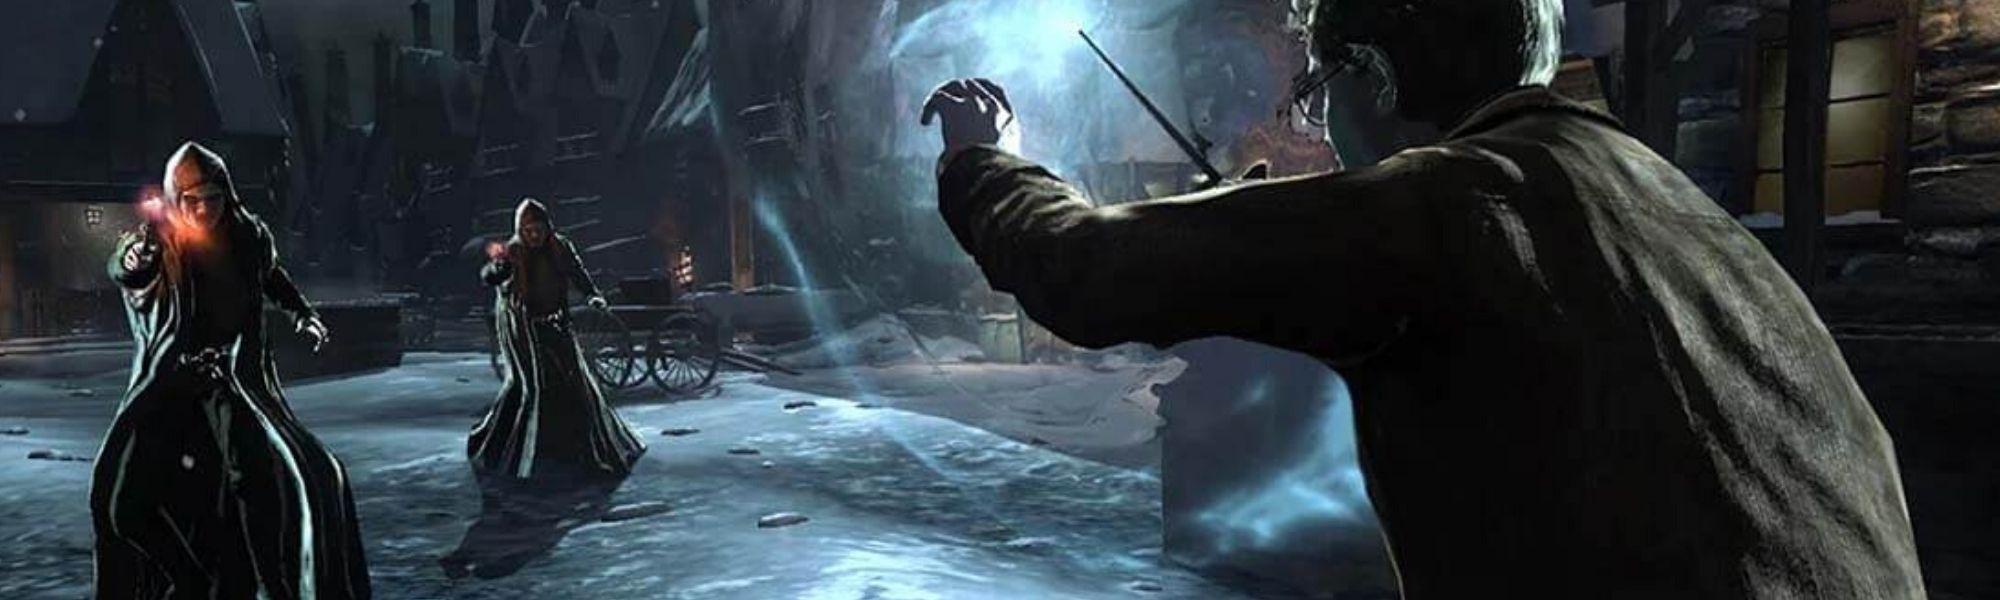 Harry Potter w świecie mrocznego RPG? Poproszę!